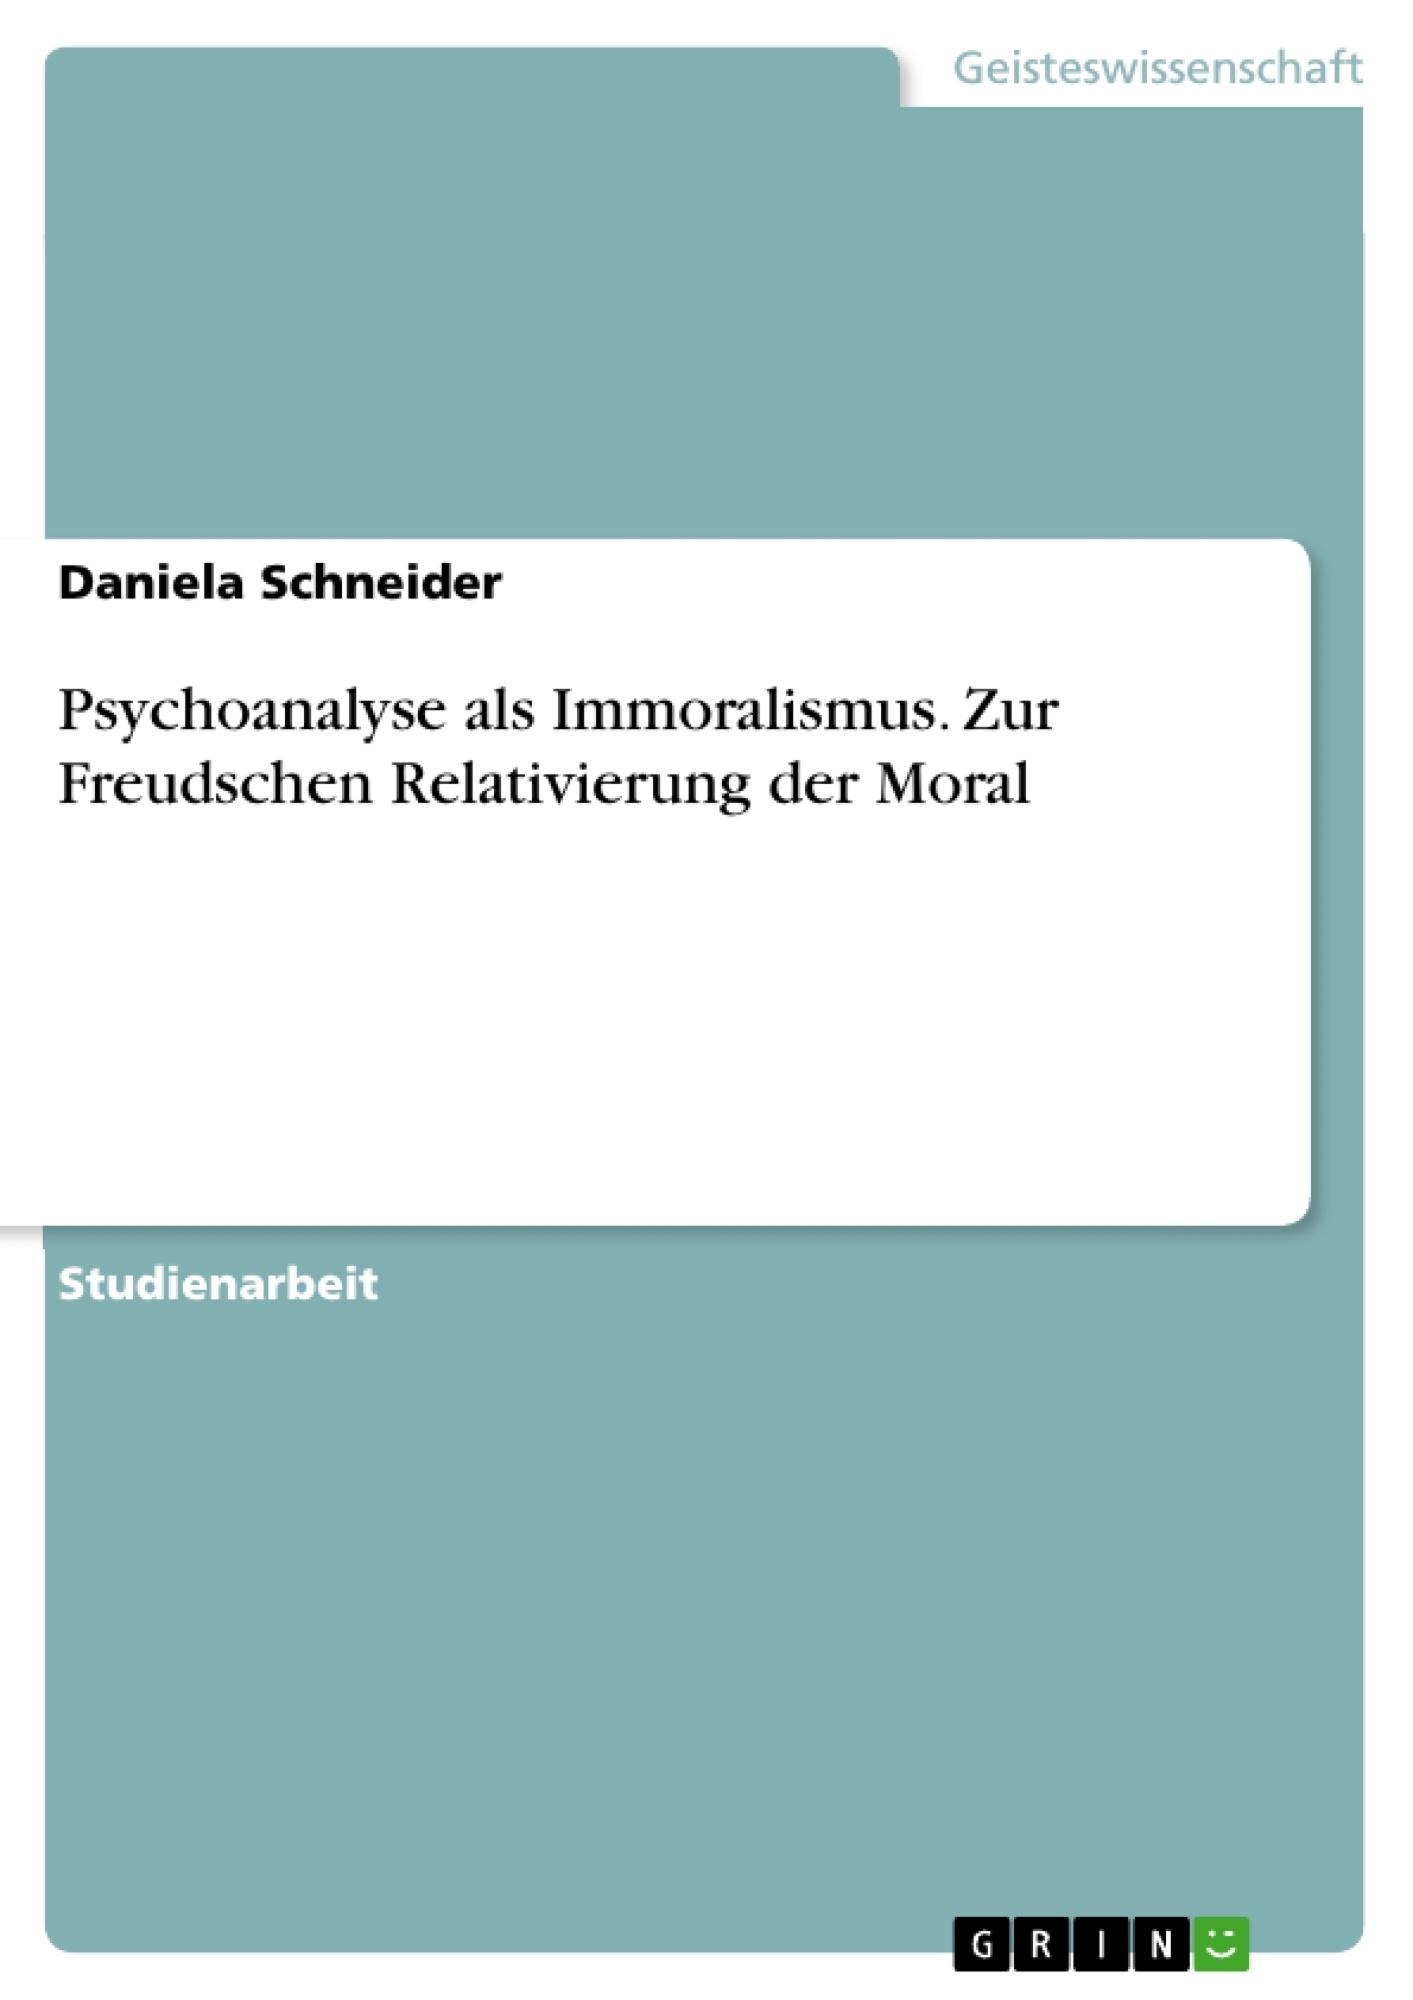 Titel: Psychoanalyse als Immoralismus. Zur Freudschen Relativierung der Moral